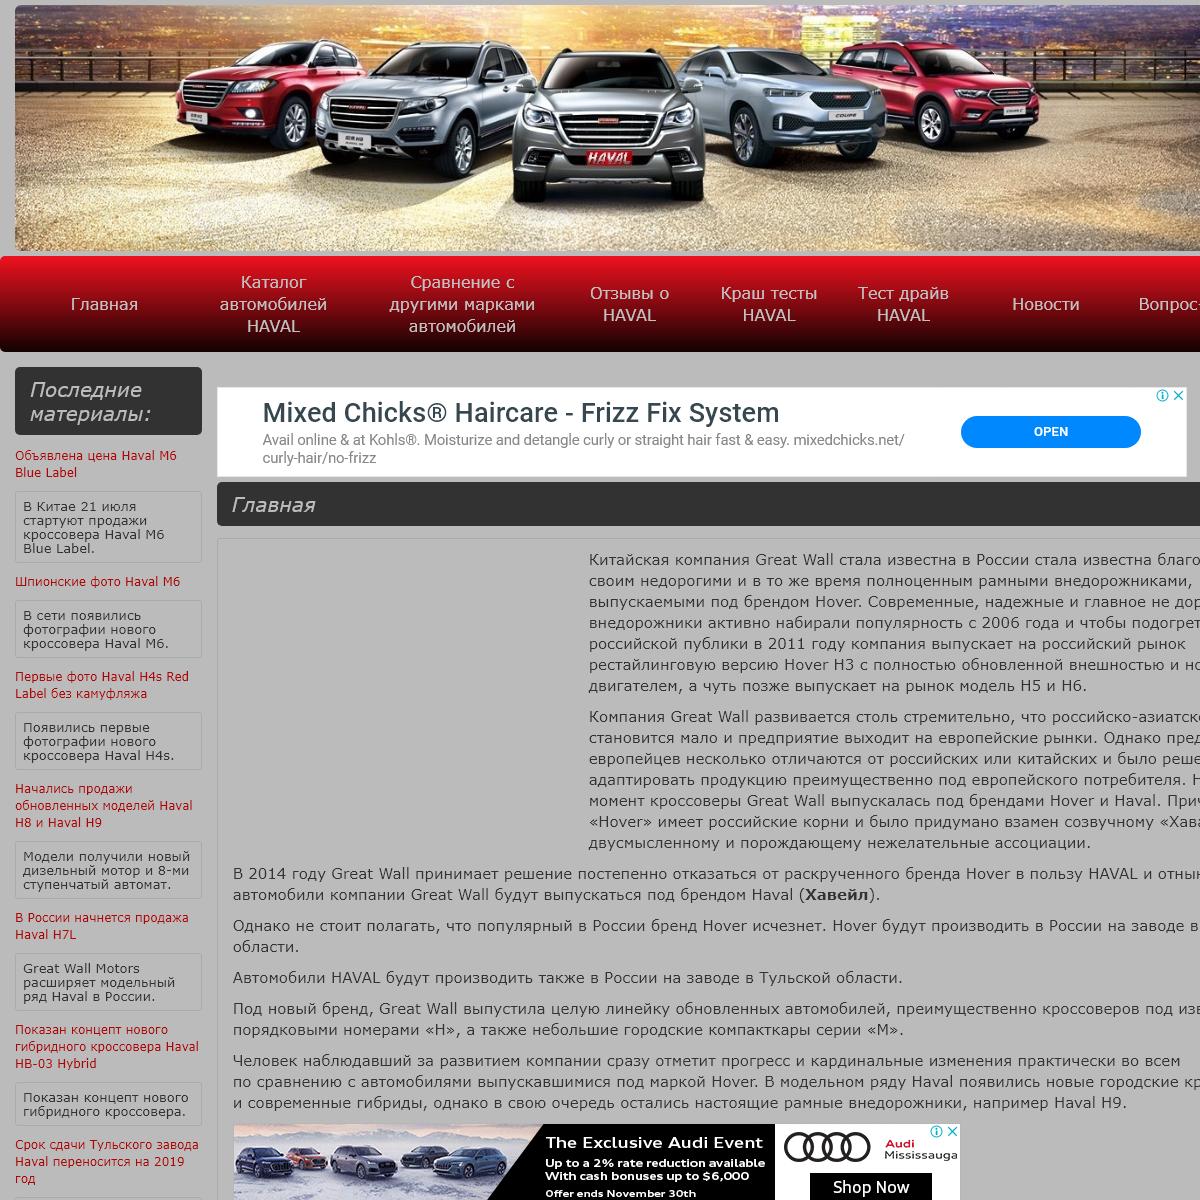 Автомобили Haval (Хавейл) - Haval (Hover) H9, H8, H6, H5, H3, Haval COUPE отзывы владельцев, к�